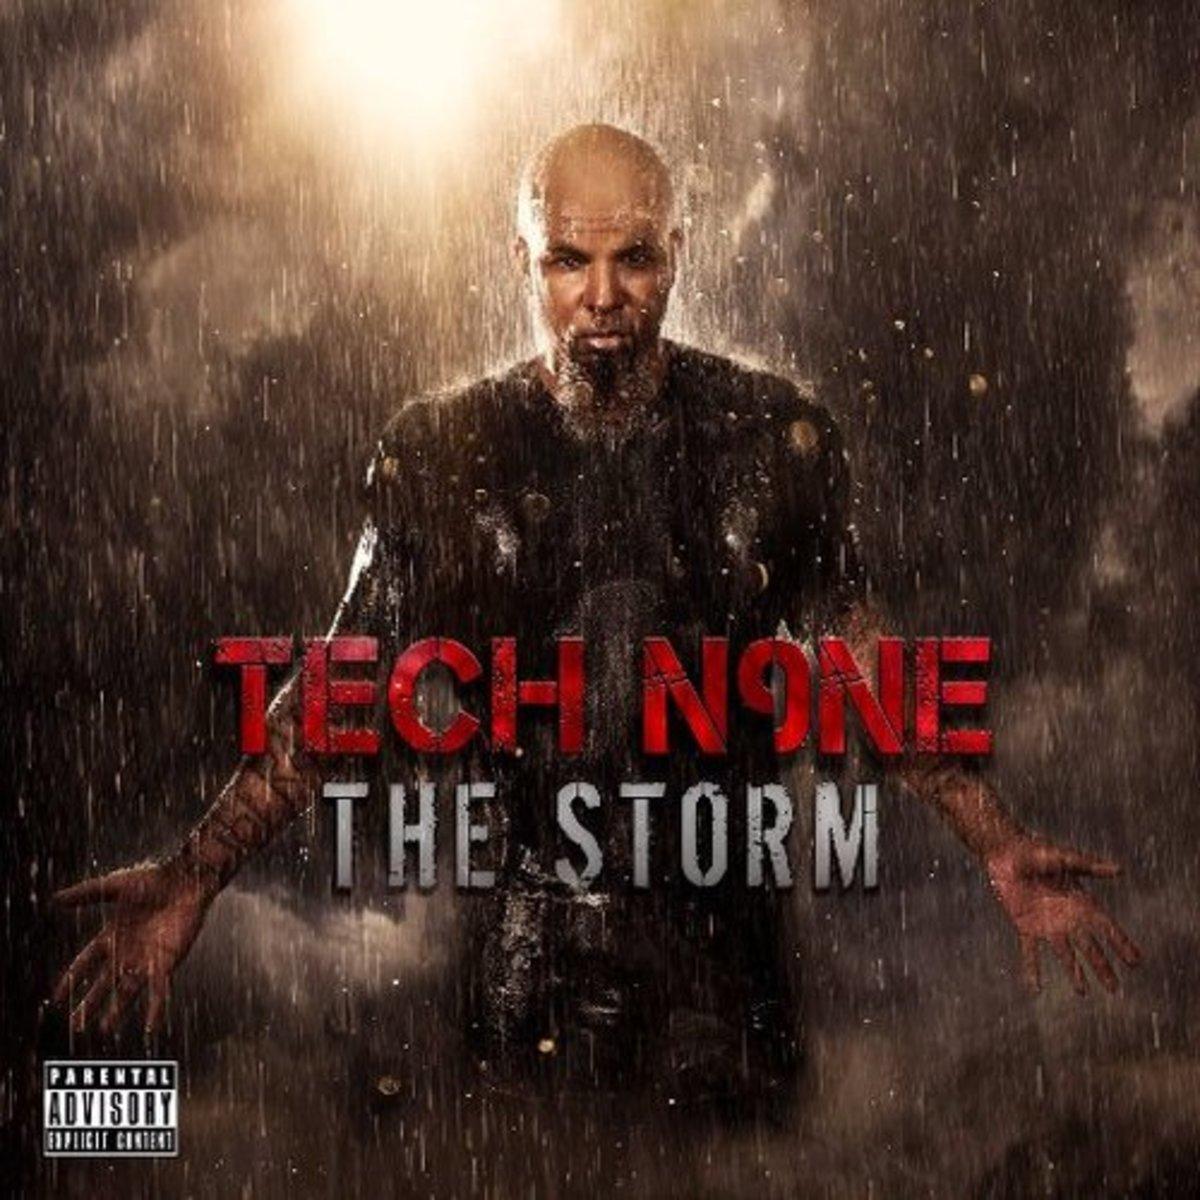 tech-n9ne-the-storm.jpg